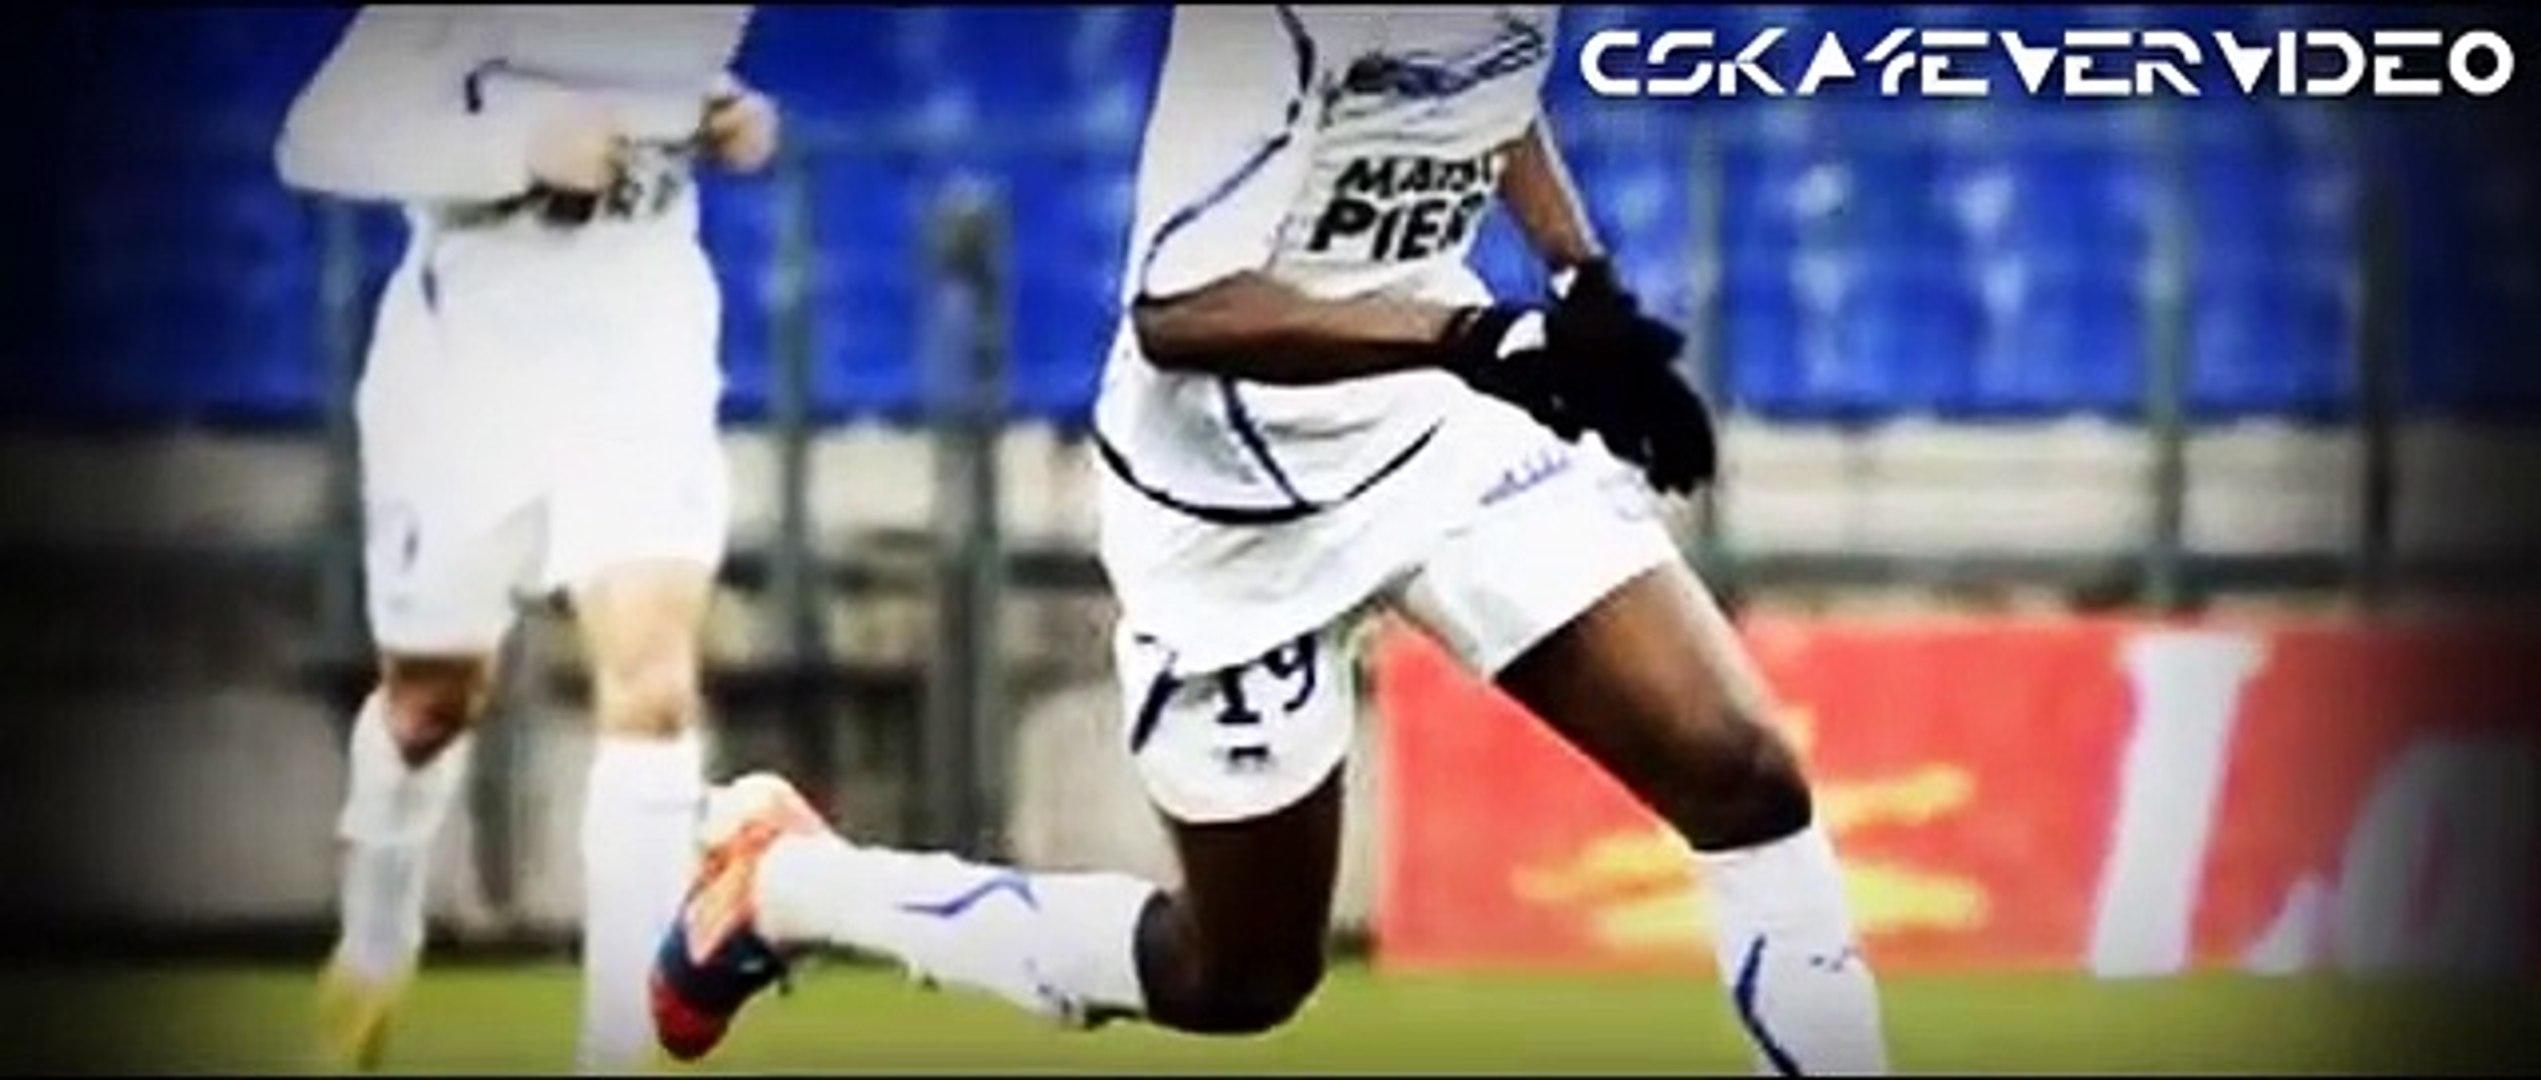 Dünya futbolunun yeni yıldızları! Yaya Sanogo